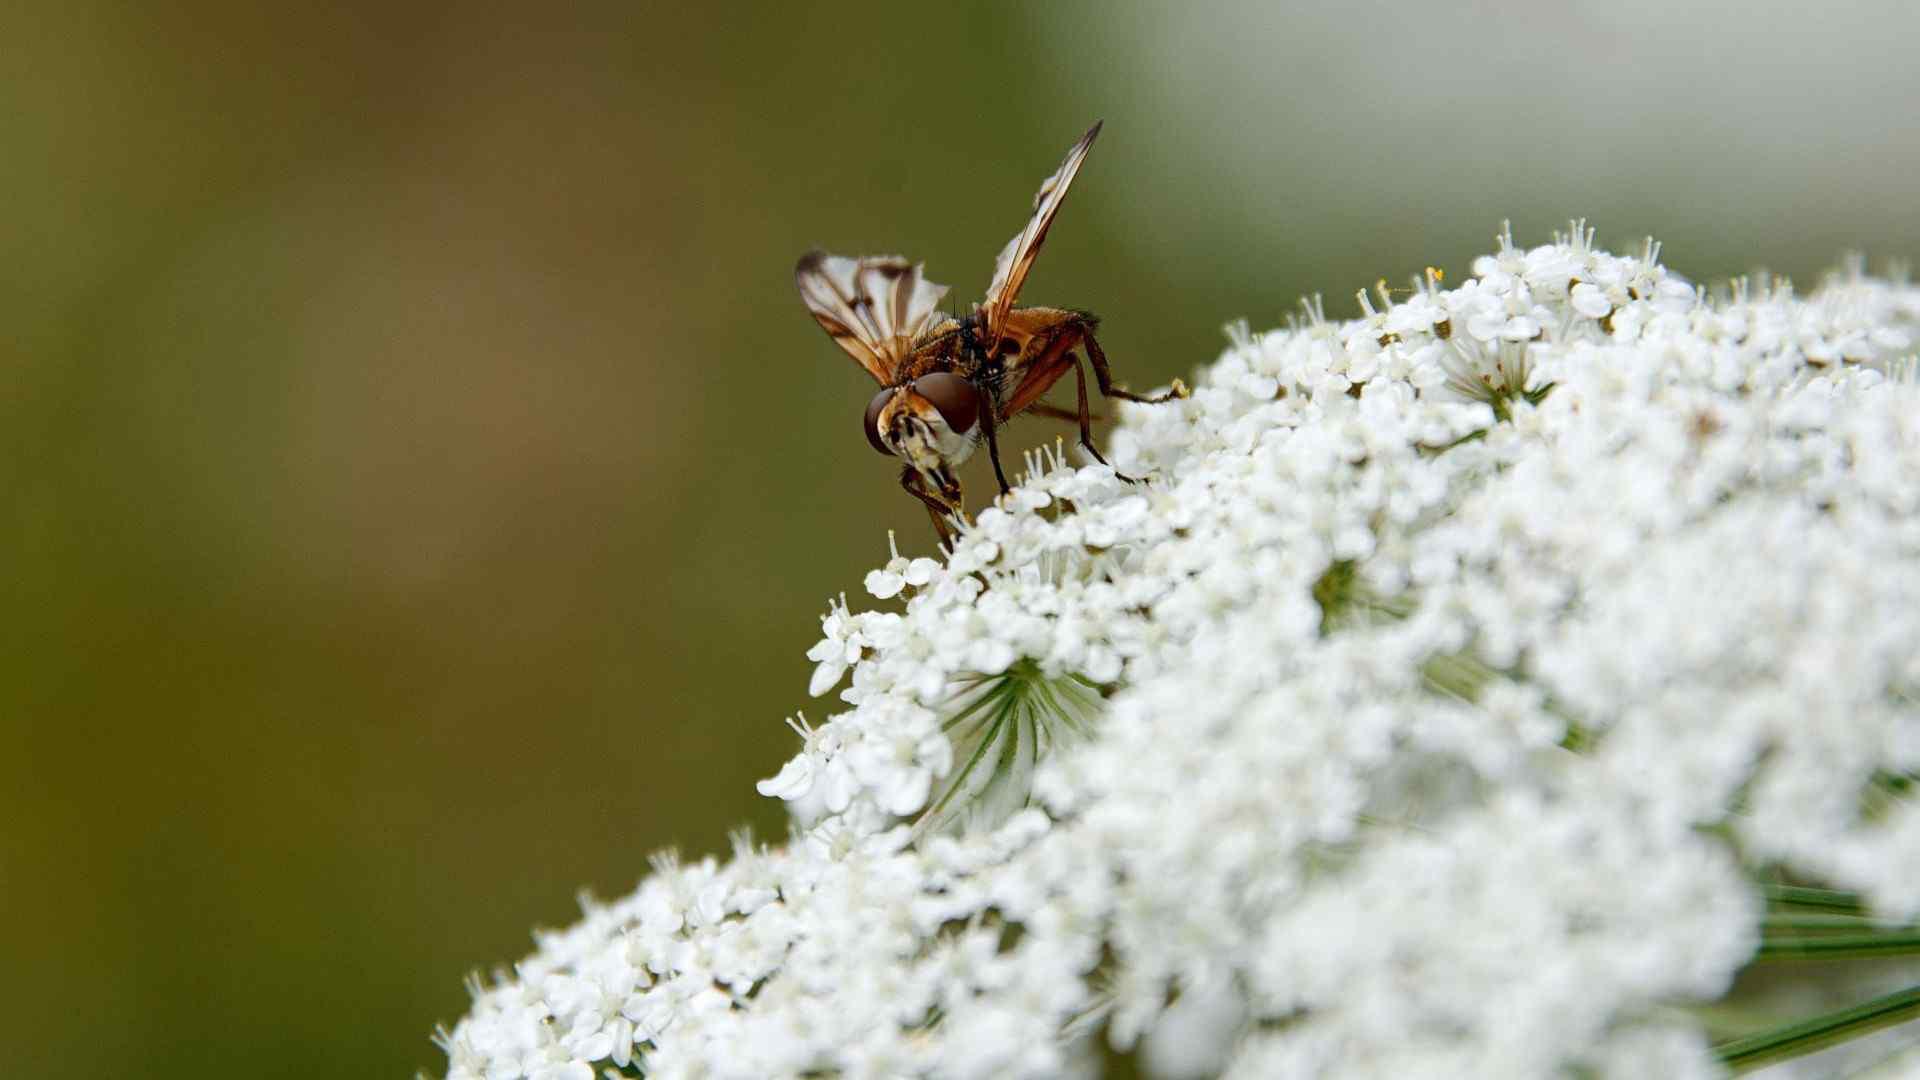 昆虫特写壁纸 昆虫图片 昆虫世界